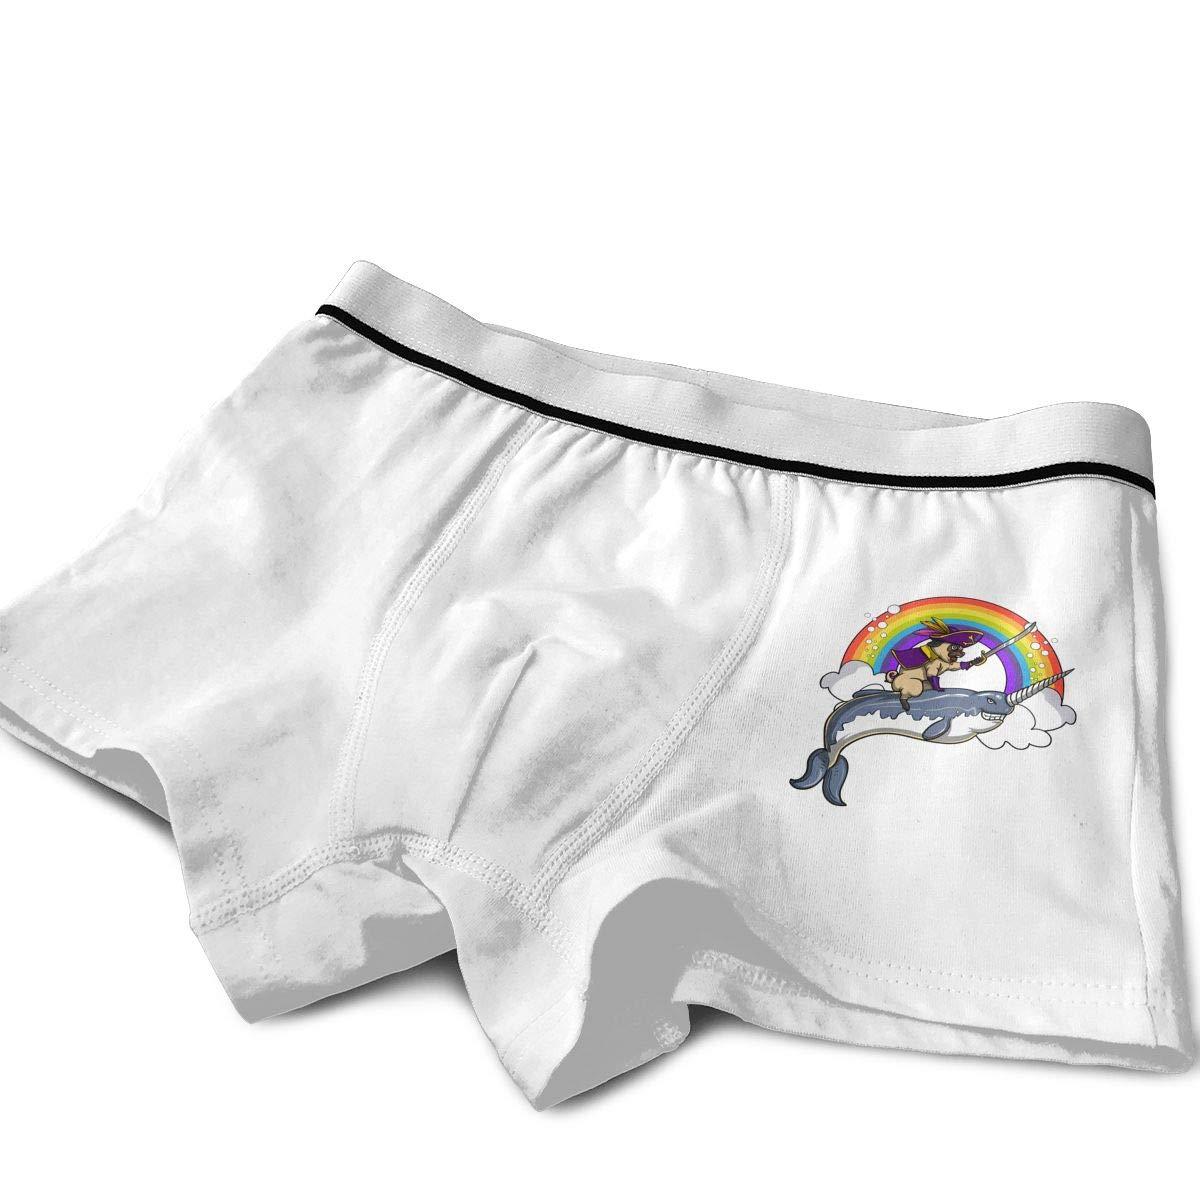 Pug Pirate Riding Narwhal Kids Cotton Boxer Briefs Underwear